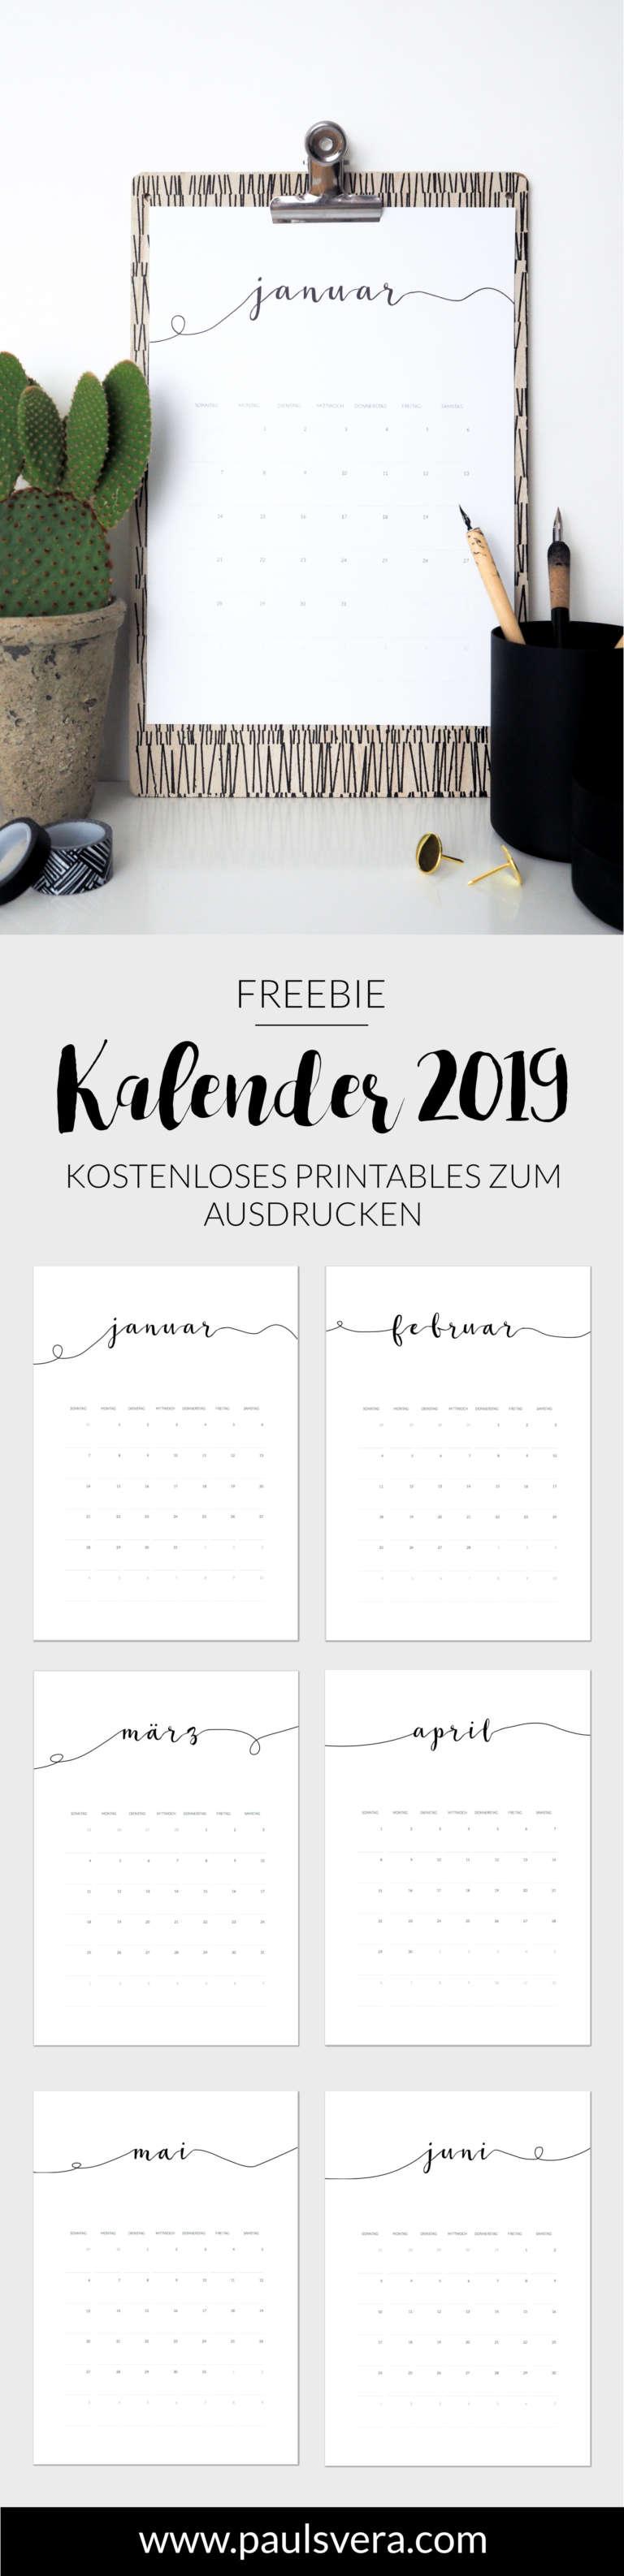 Kalender 2019 Freebie Printables Zum Ausdrucken Paulsvera